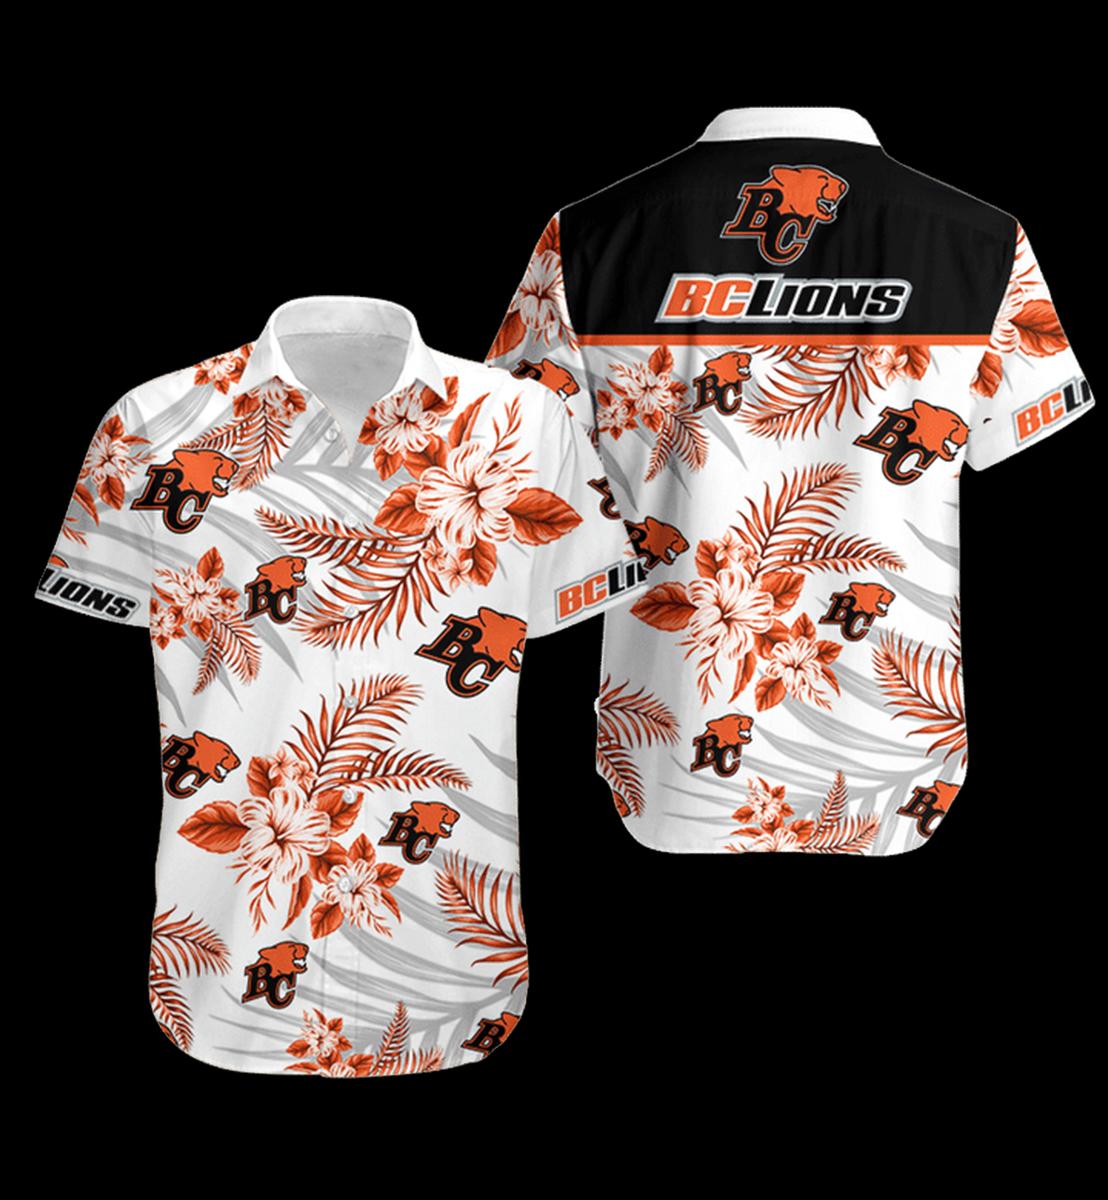 12 BC Lions Hawaiian Shirt 1 1